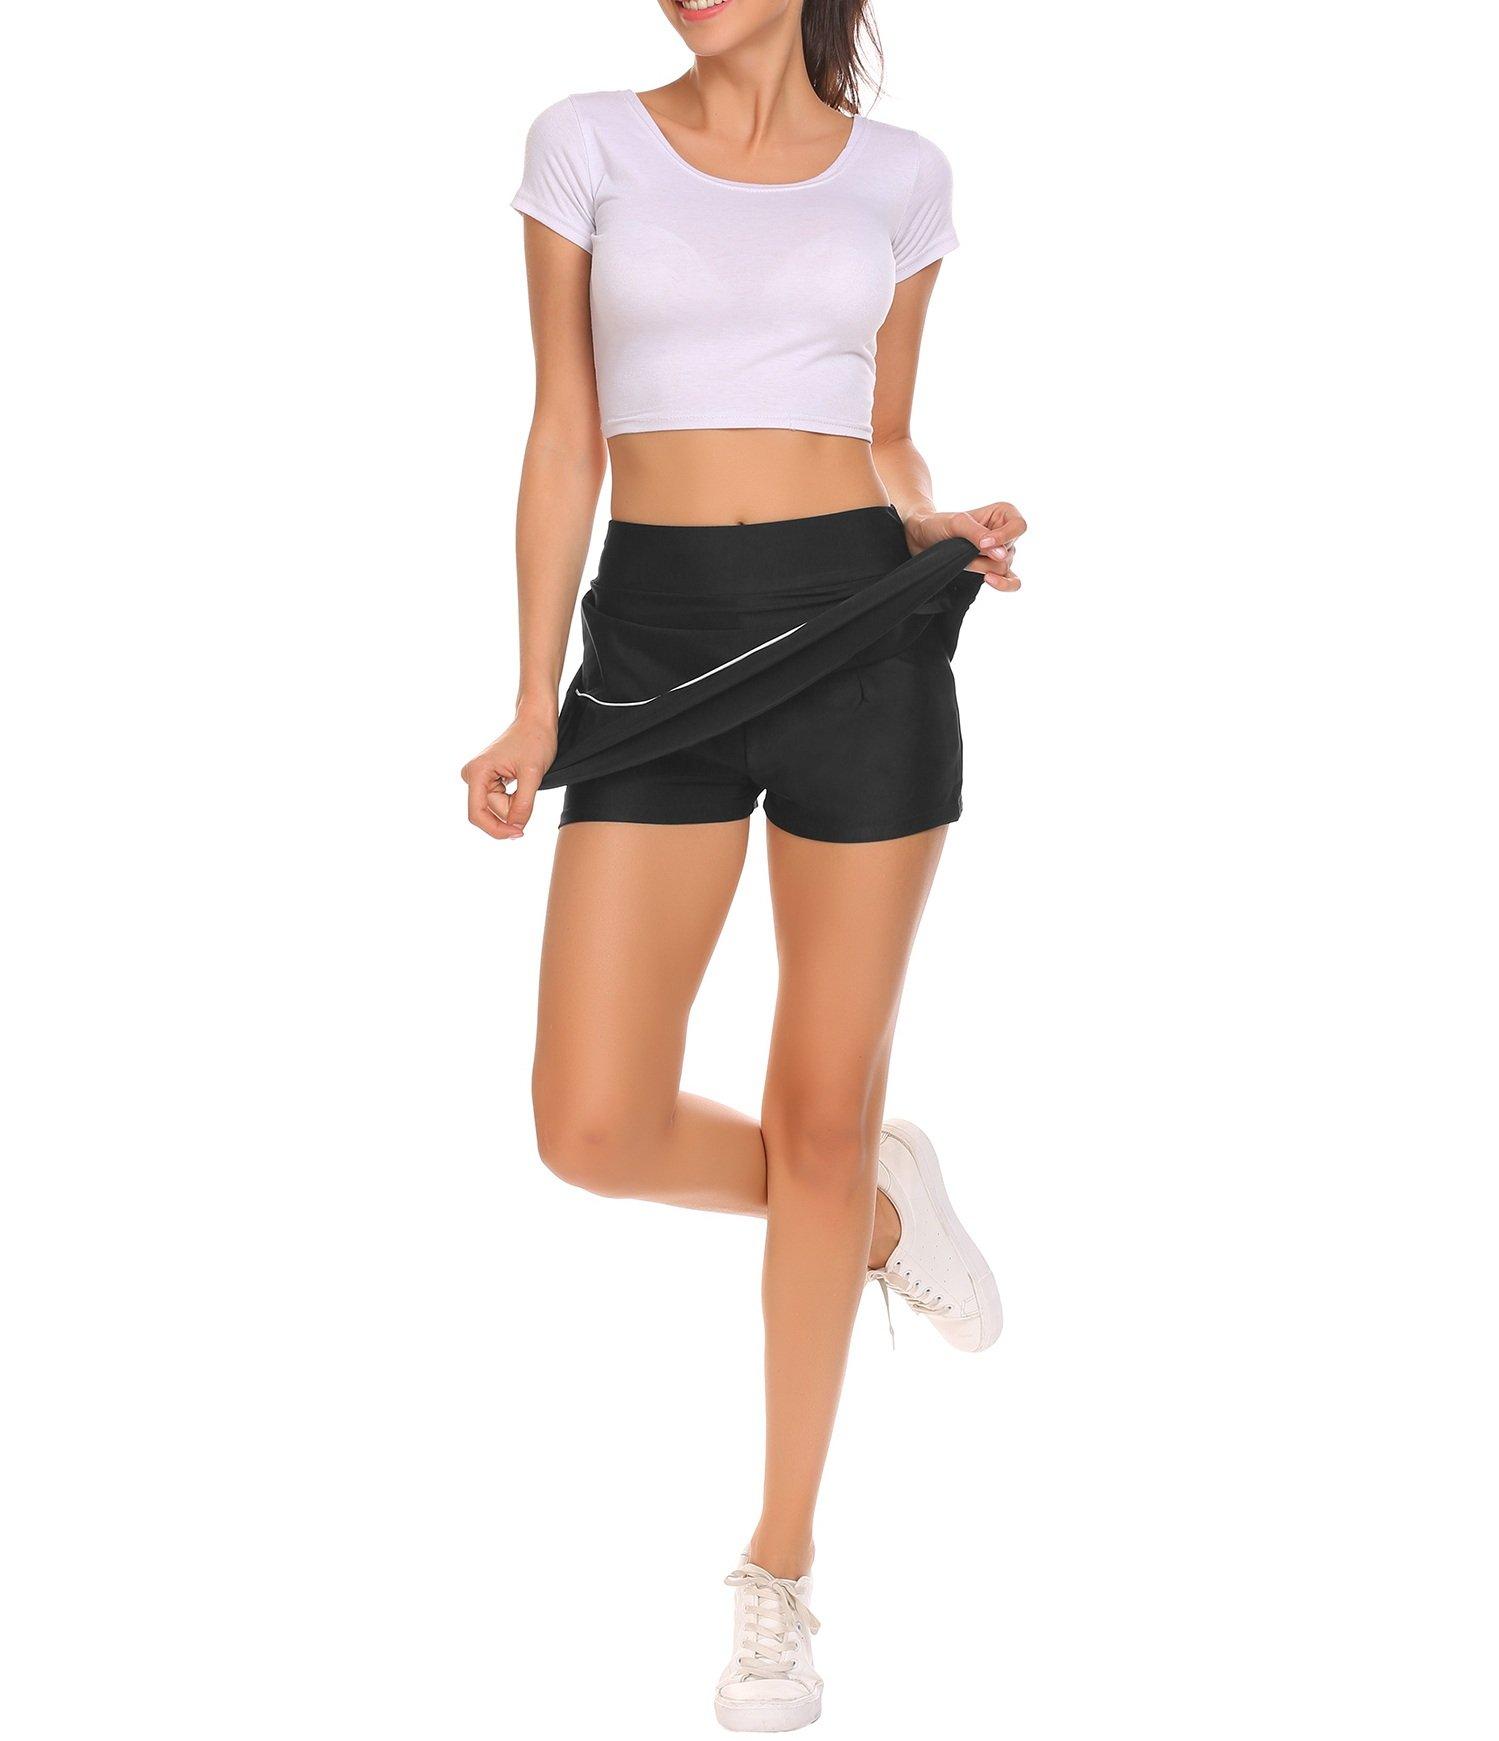 Shine Mini Skirts Skorts For Active Sports